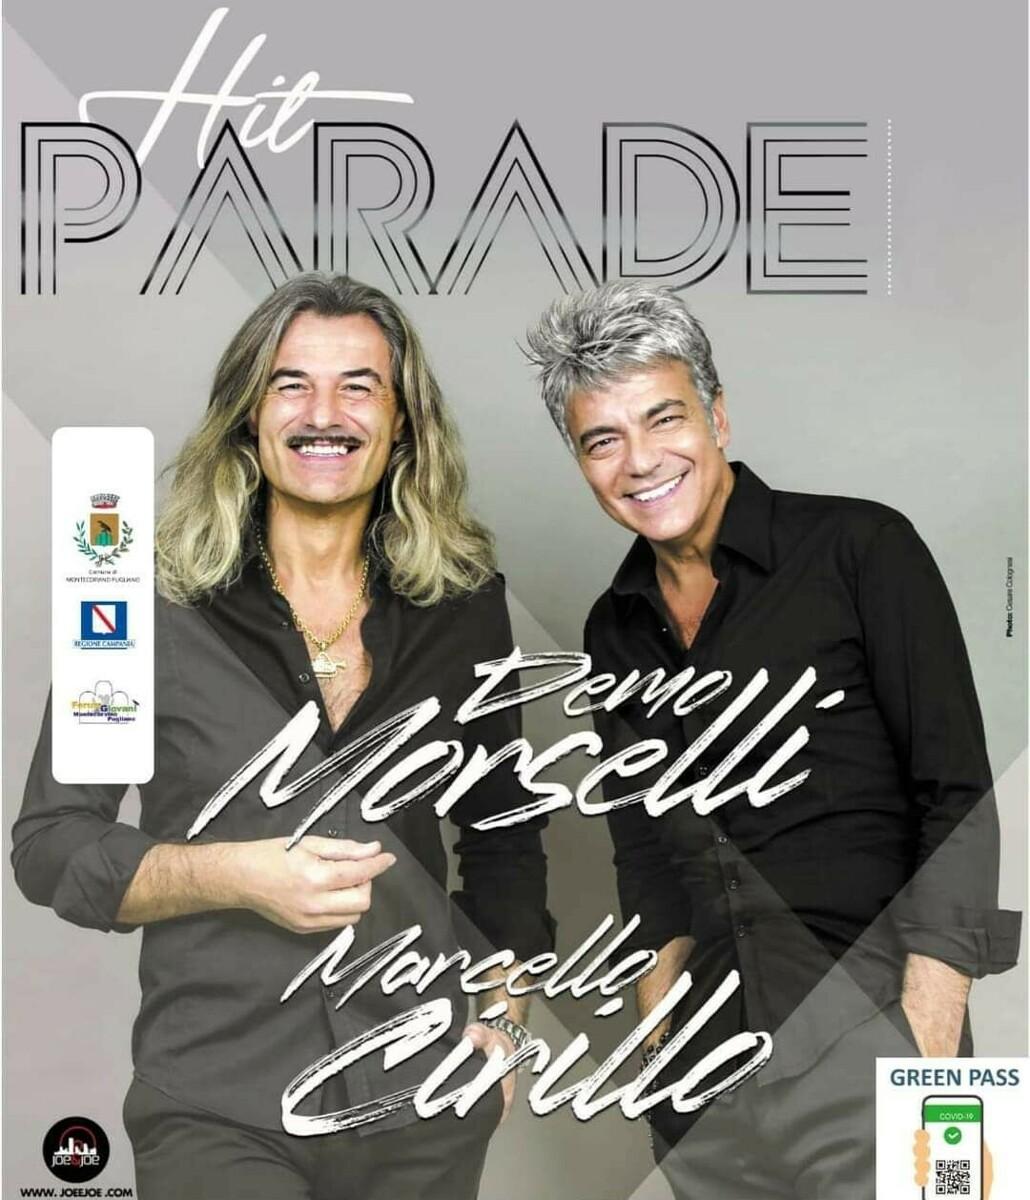 Demo Morselli e Marcello Cirillo: è tutto pronto per il concerto a Montecorvino Pugliano